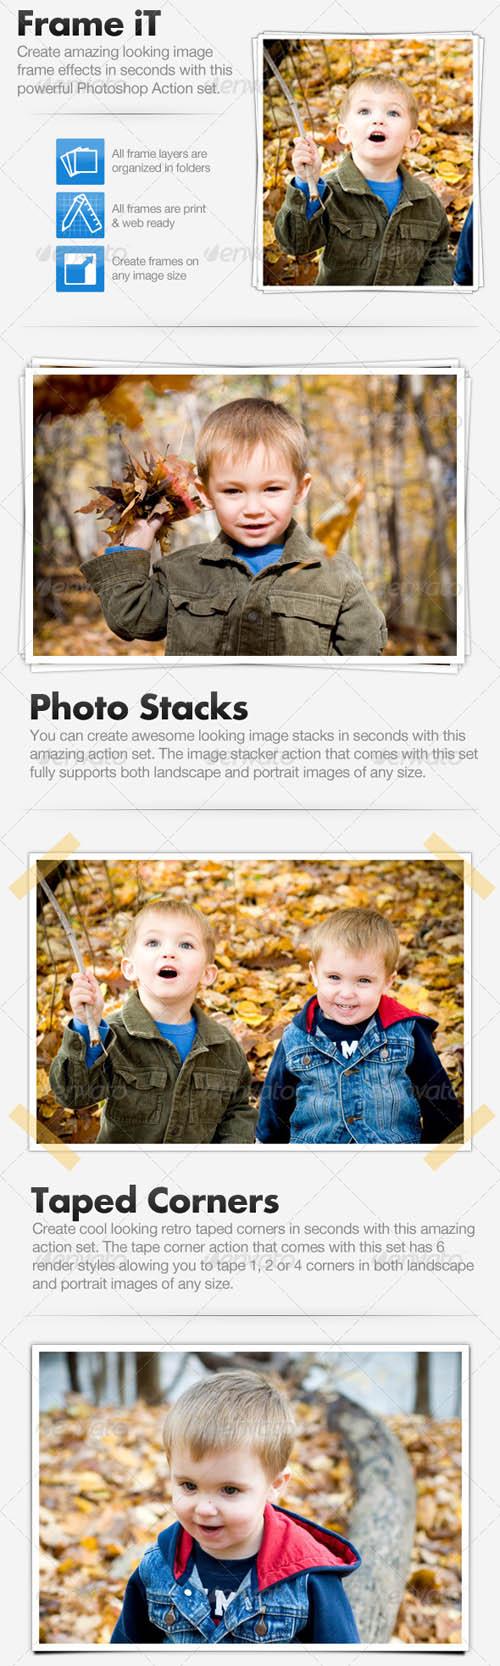 دانلود اکشن ساخت فریم و قاب برای عکس GraphicRiver Frame iT - Image Framing Action